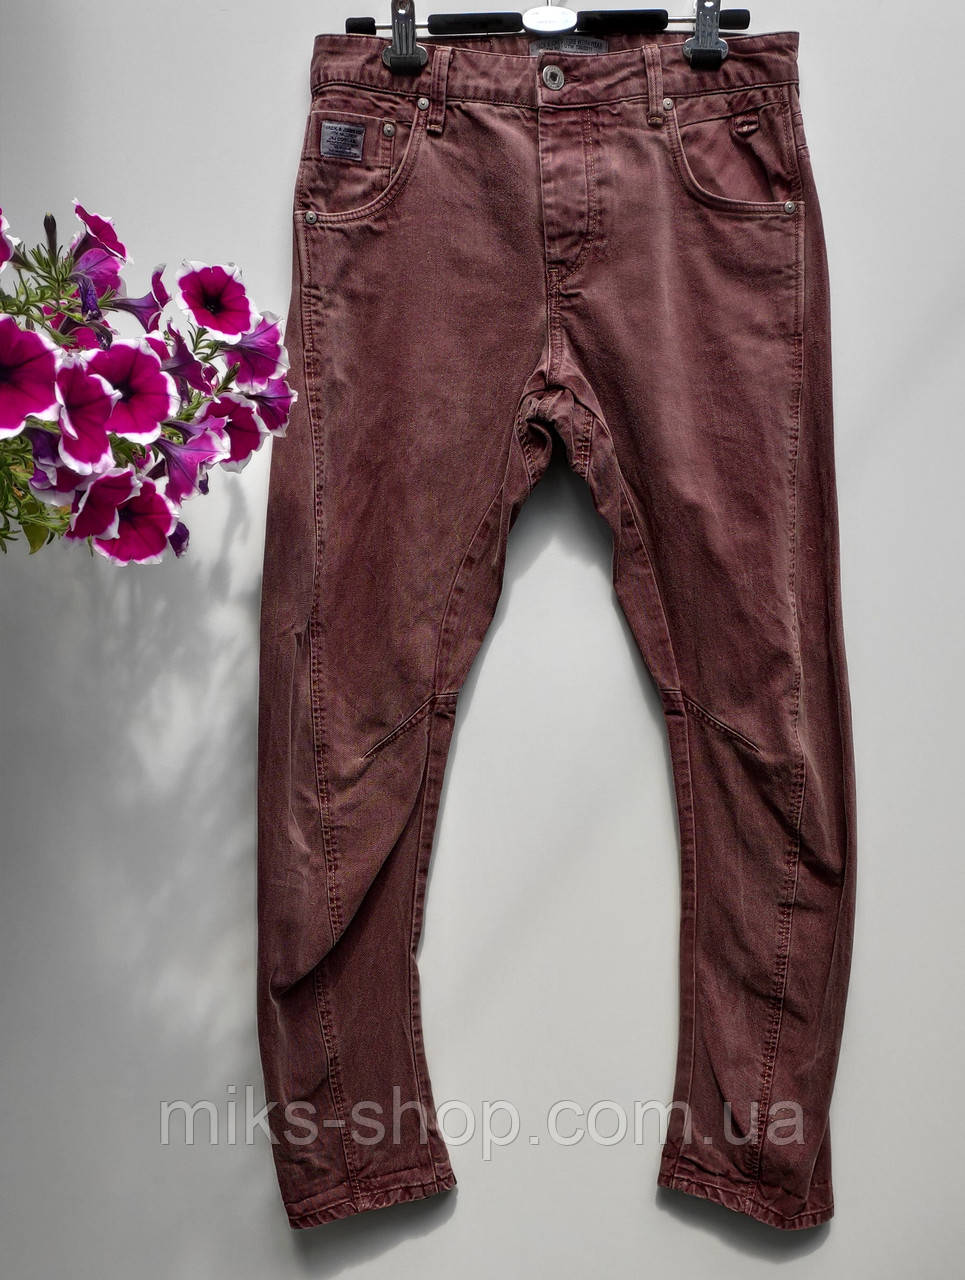 Мужские фирменные джинсы jacksjones размер наш 44 (У -37)